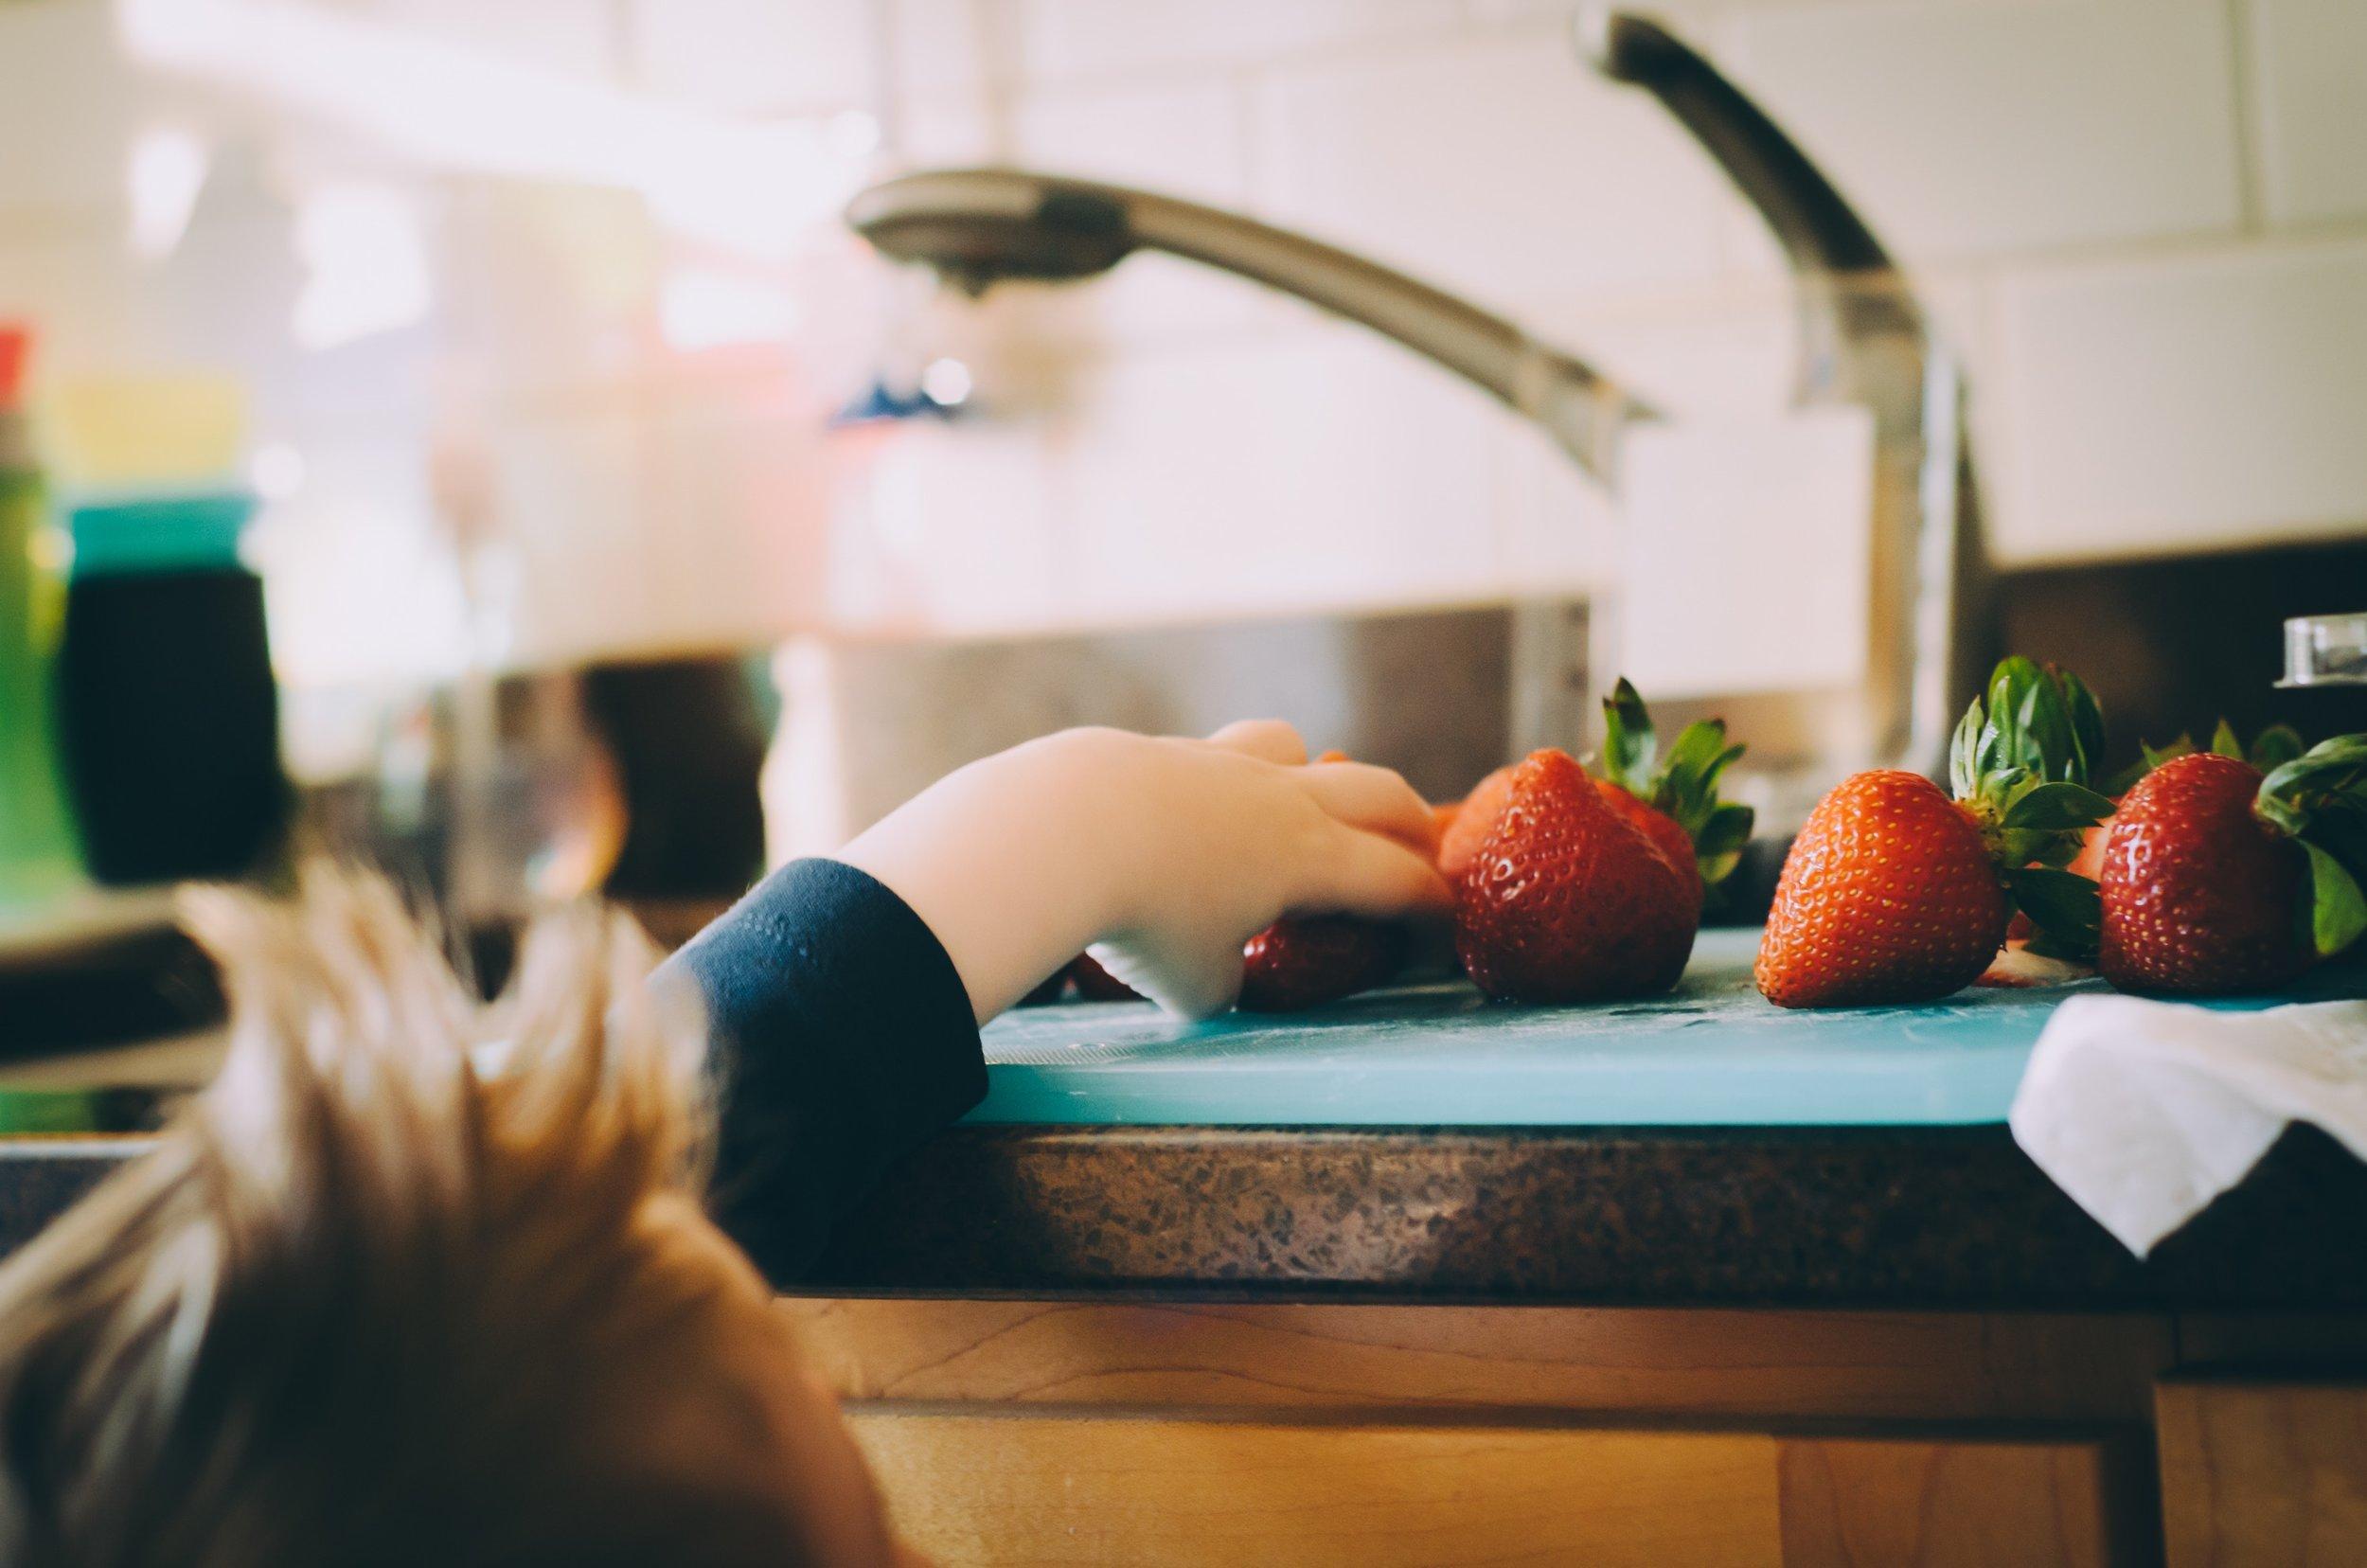 blog-kitchen-safety-strawberries.jpg